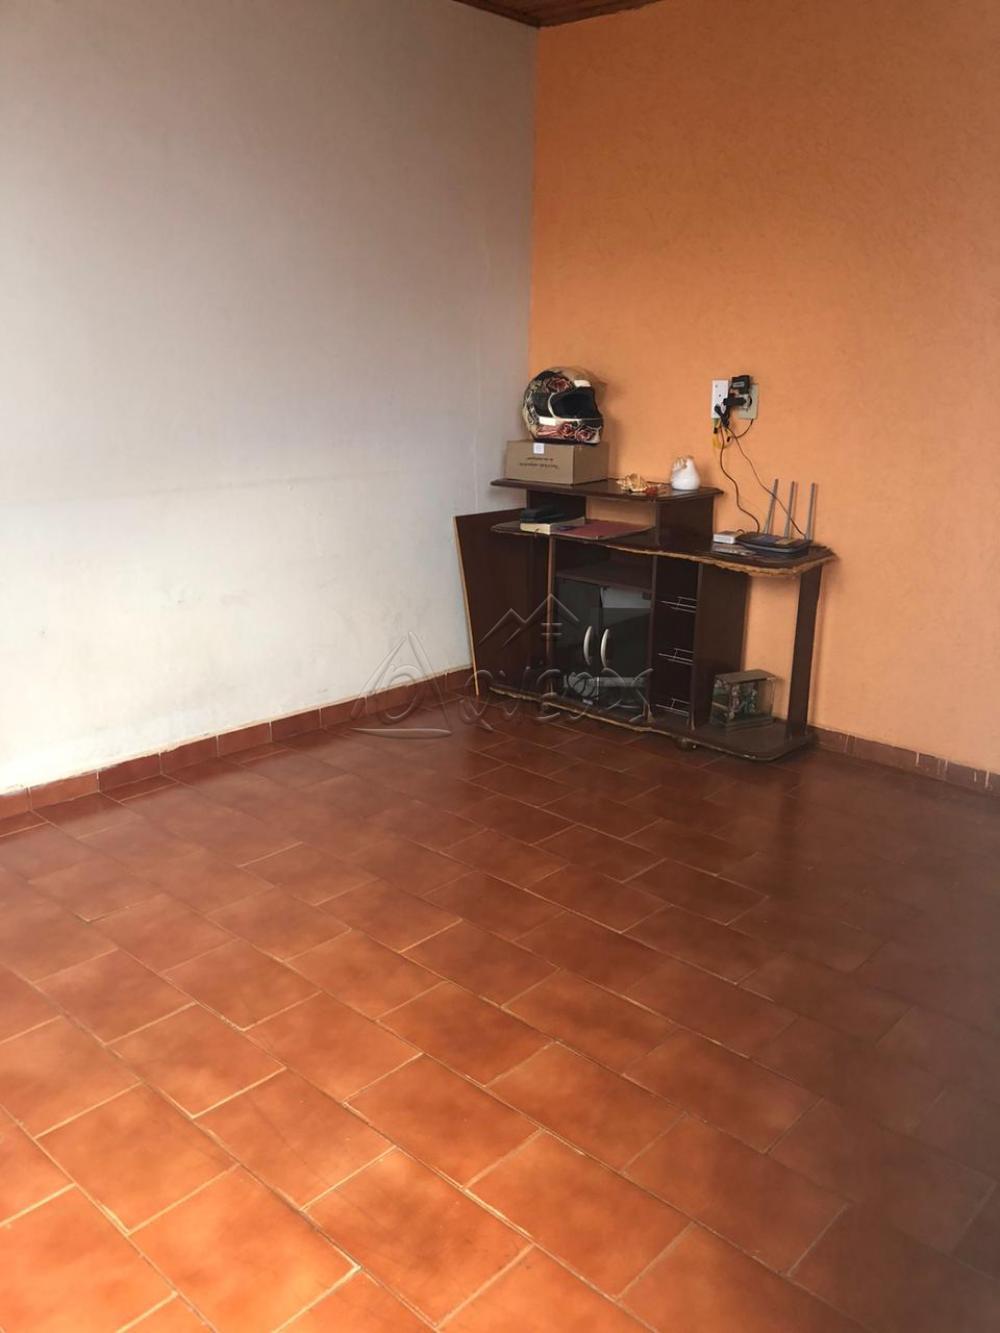 Comprar Casa / Padrão em Barretos apenas R$ 140.000,00 - Foto 3